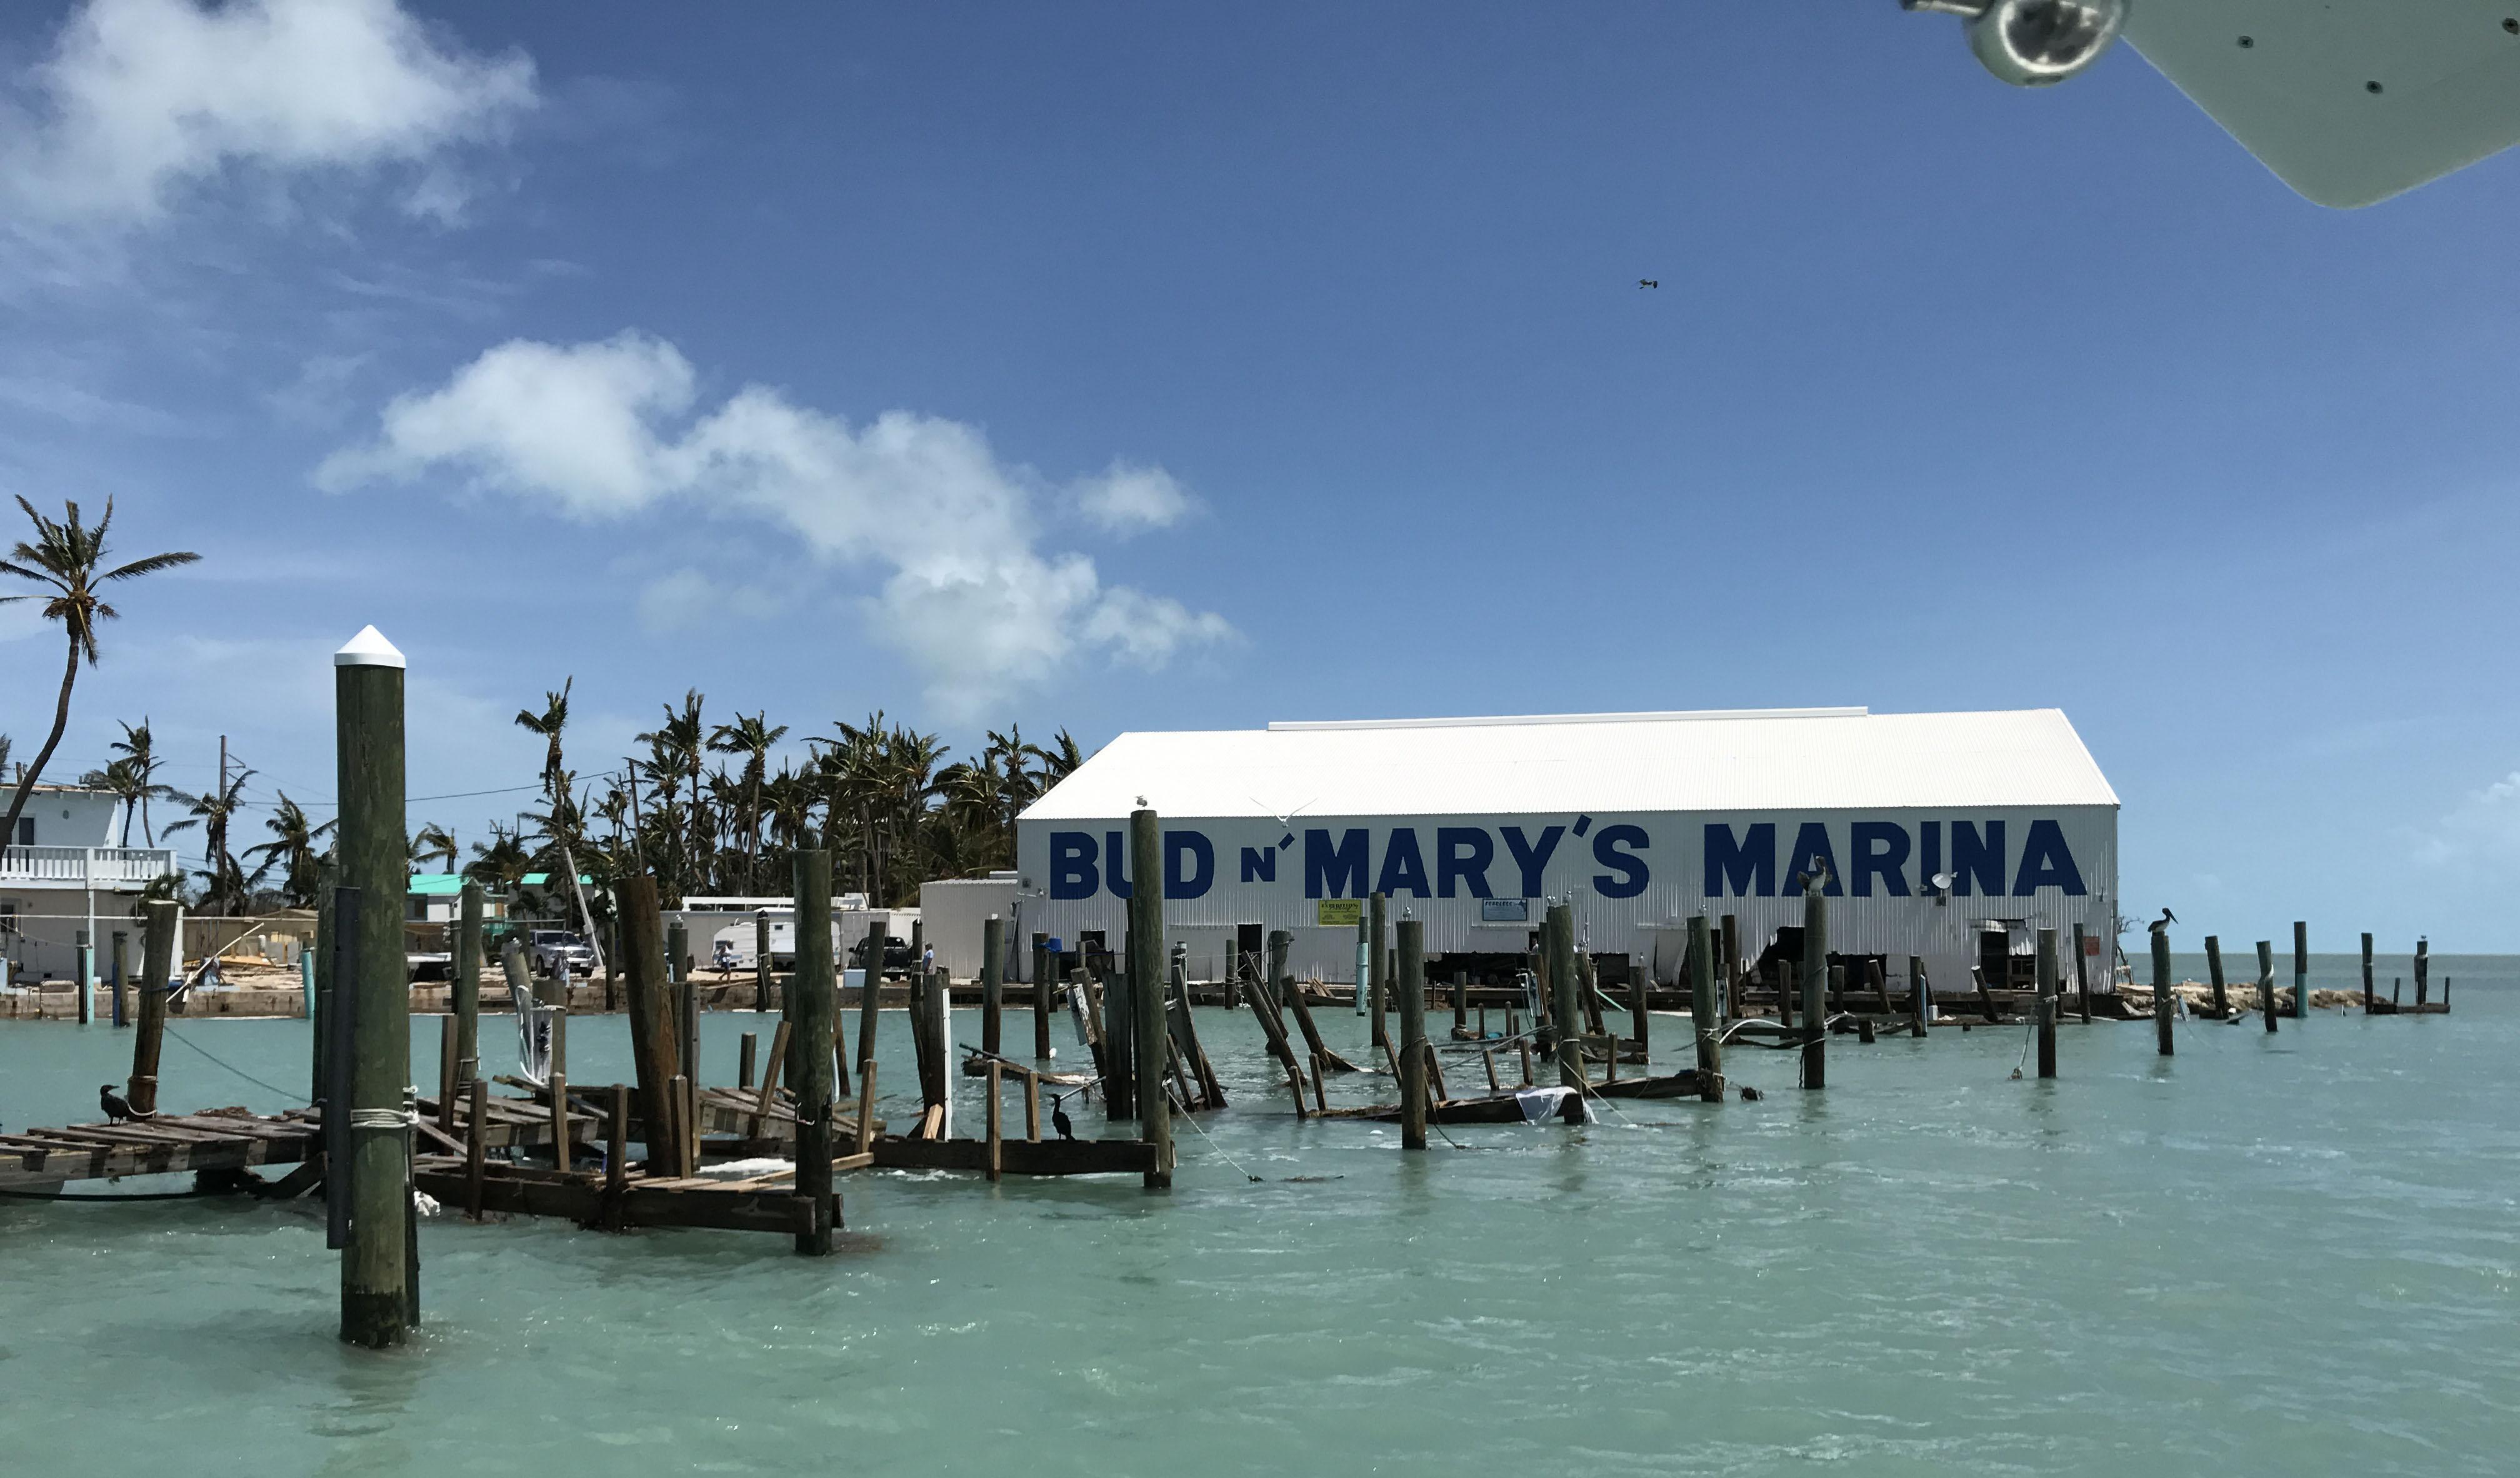 budnmarys-irma-docks